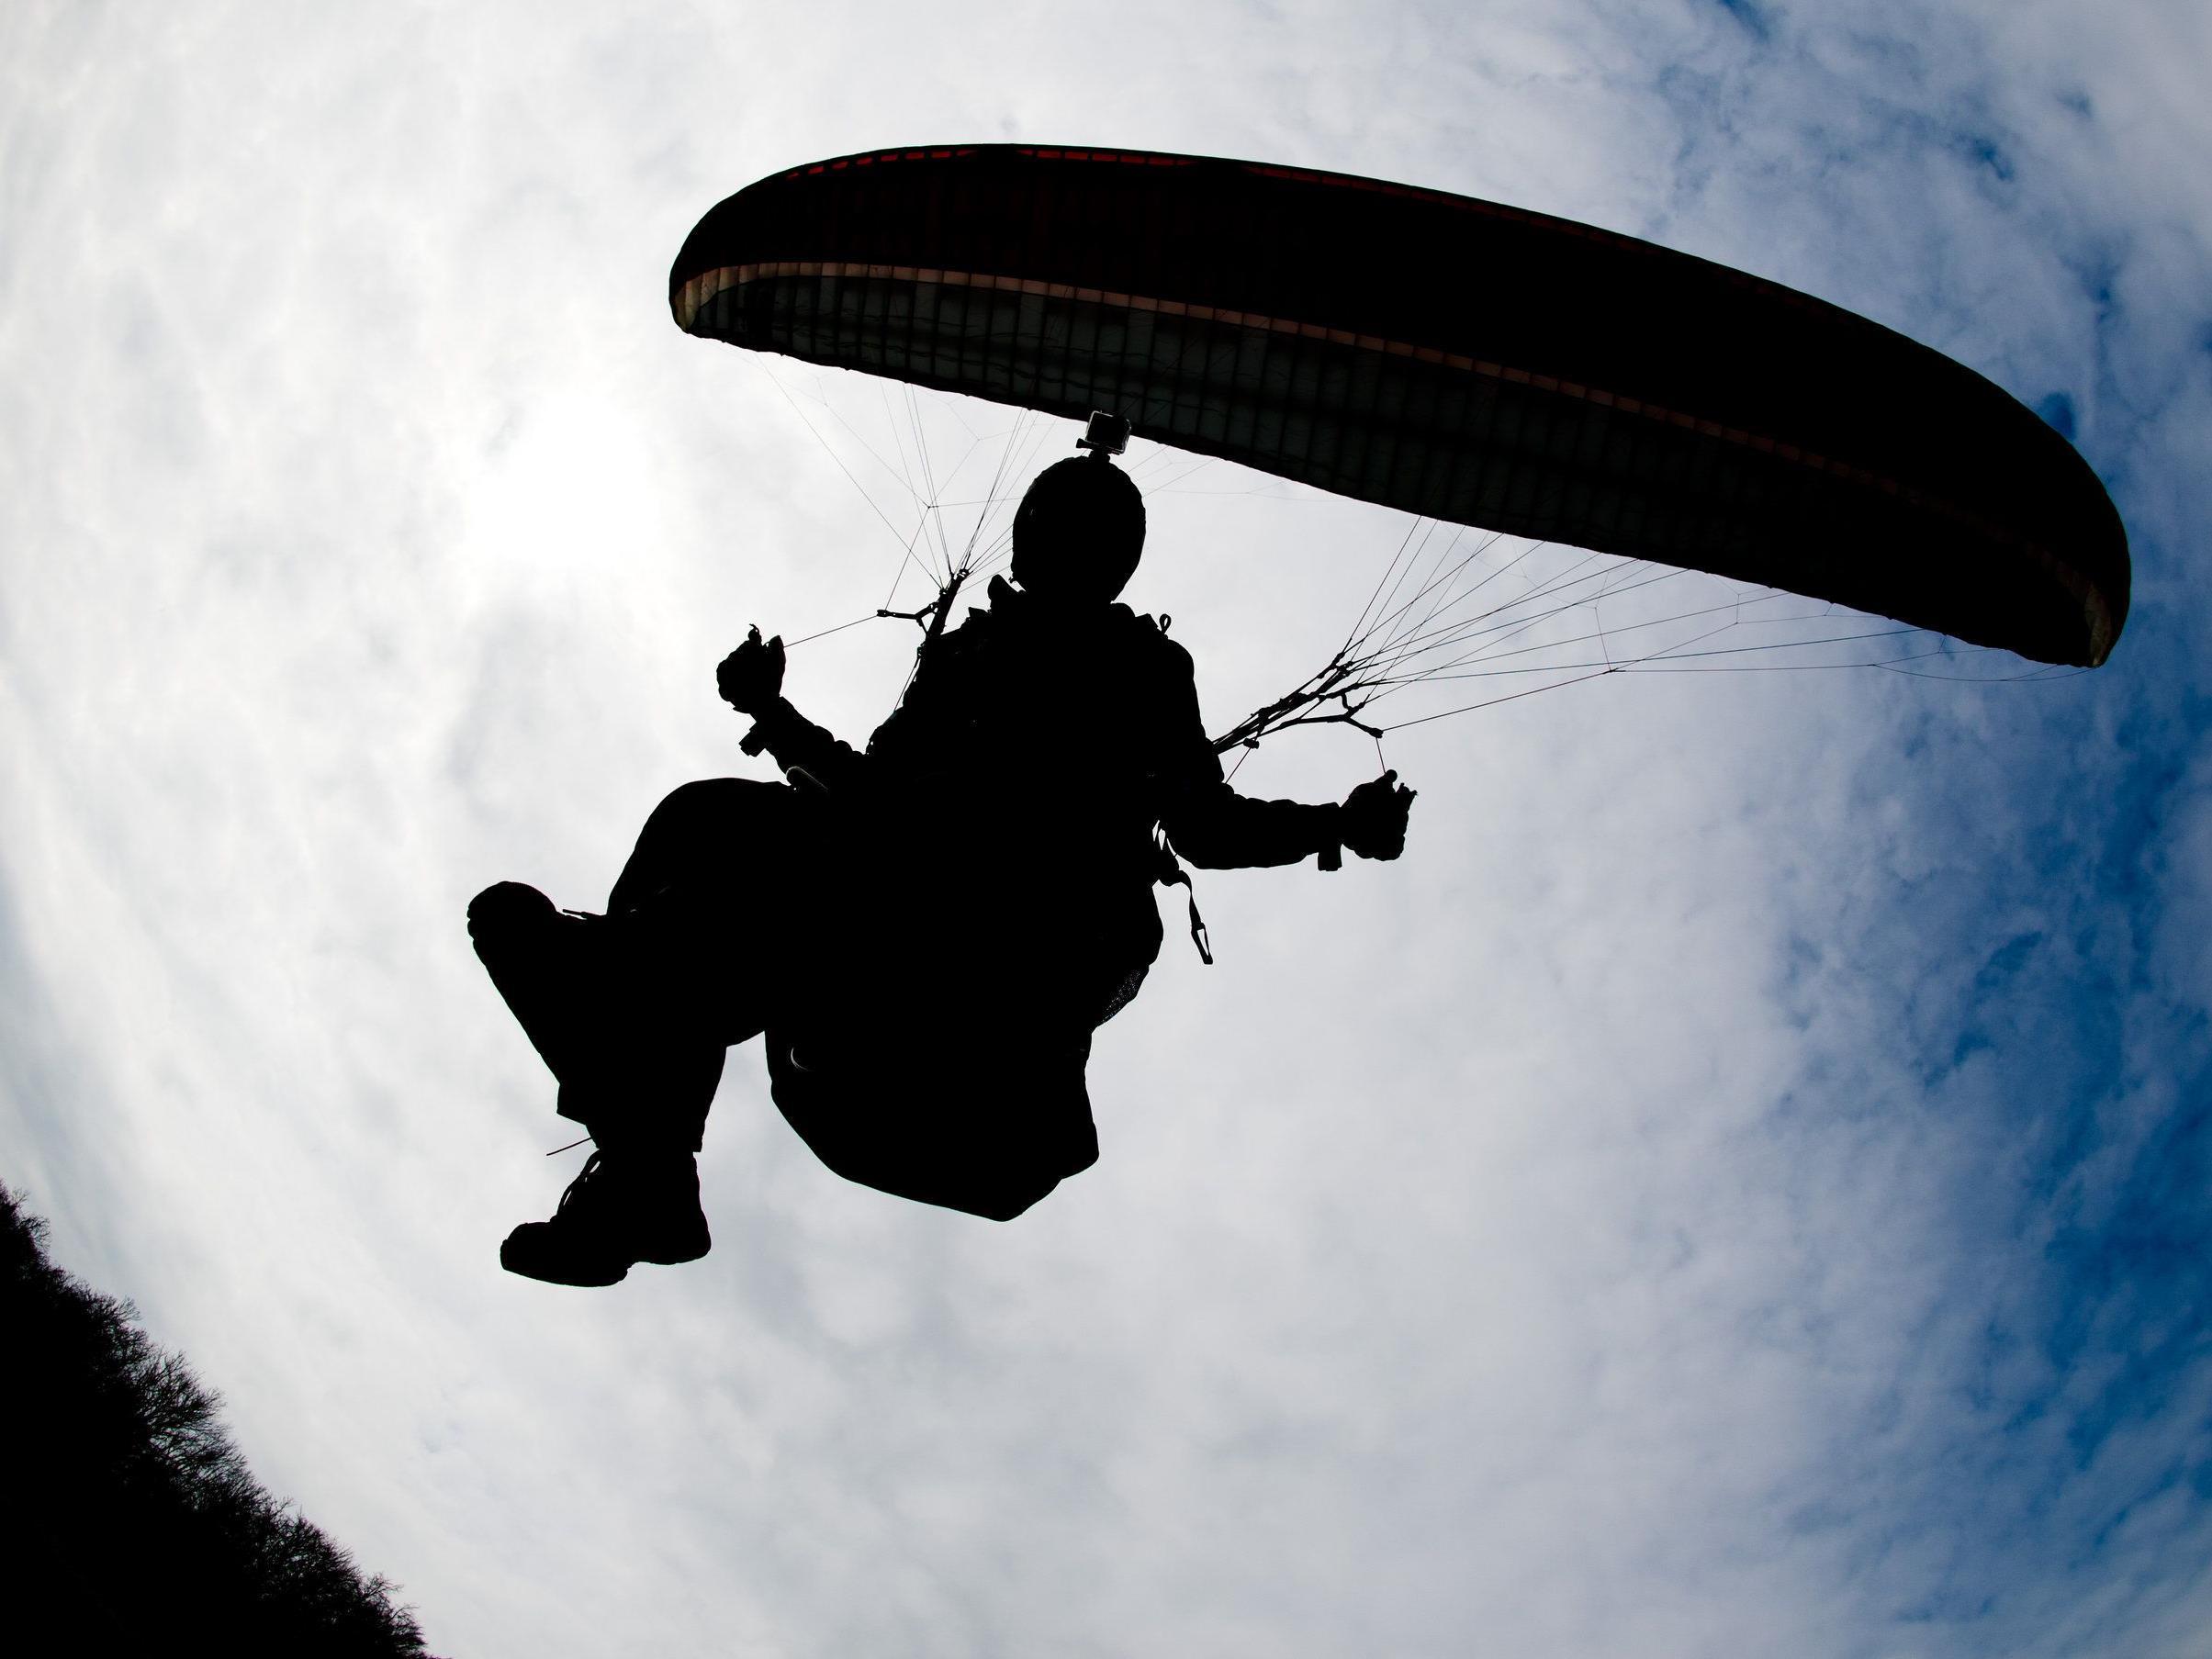 Ein Soldat starb am Mittwoch bei der Fallschirmsprungausbildung in Wiener Neustadt.